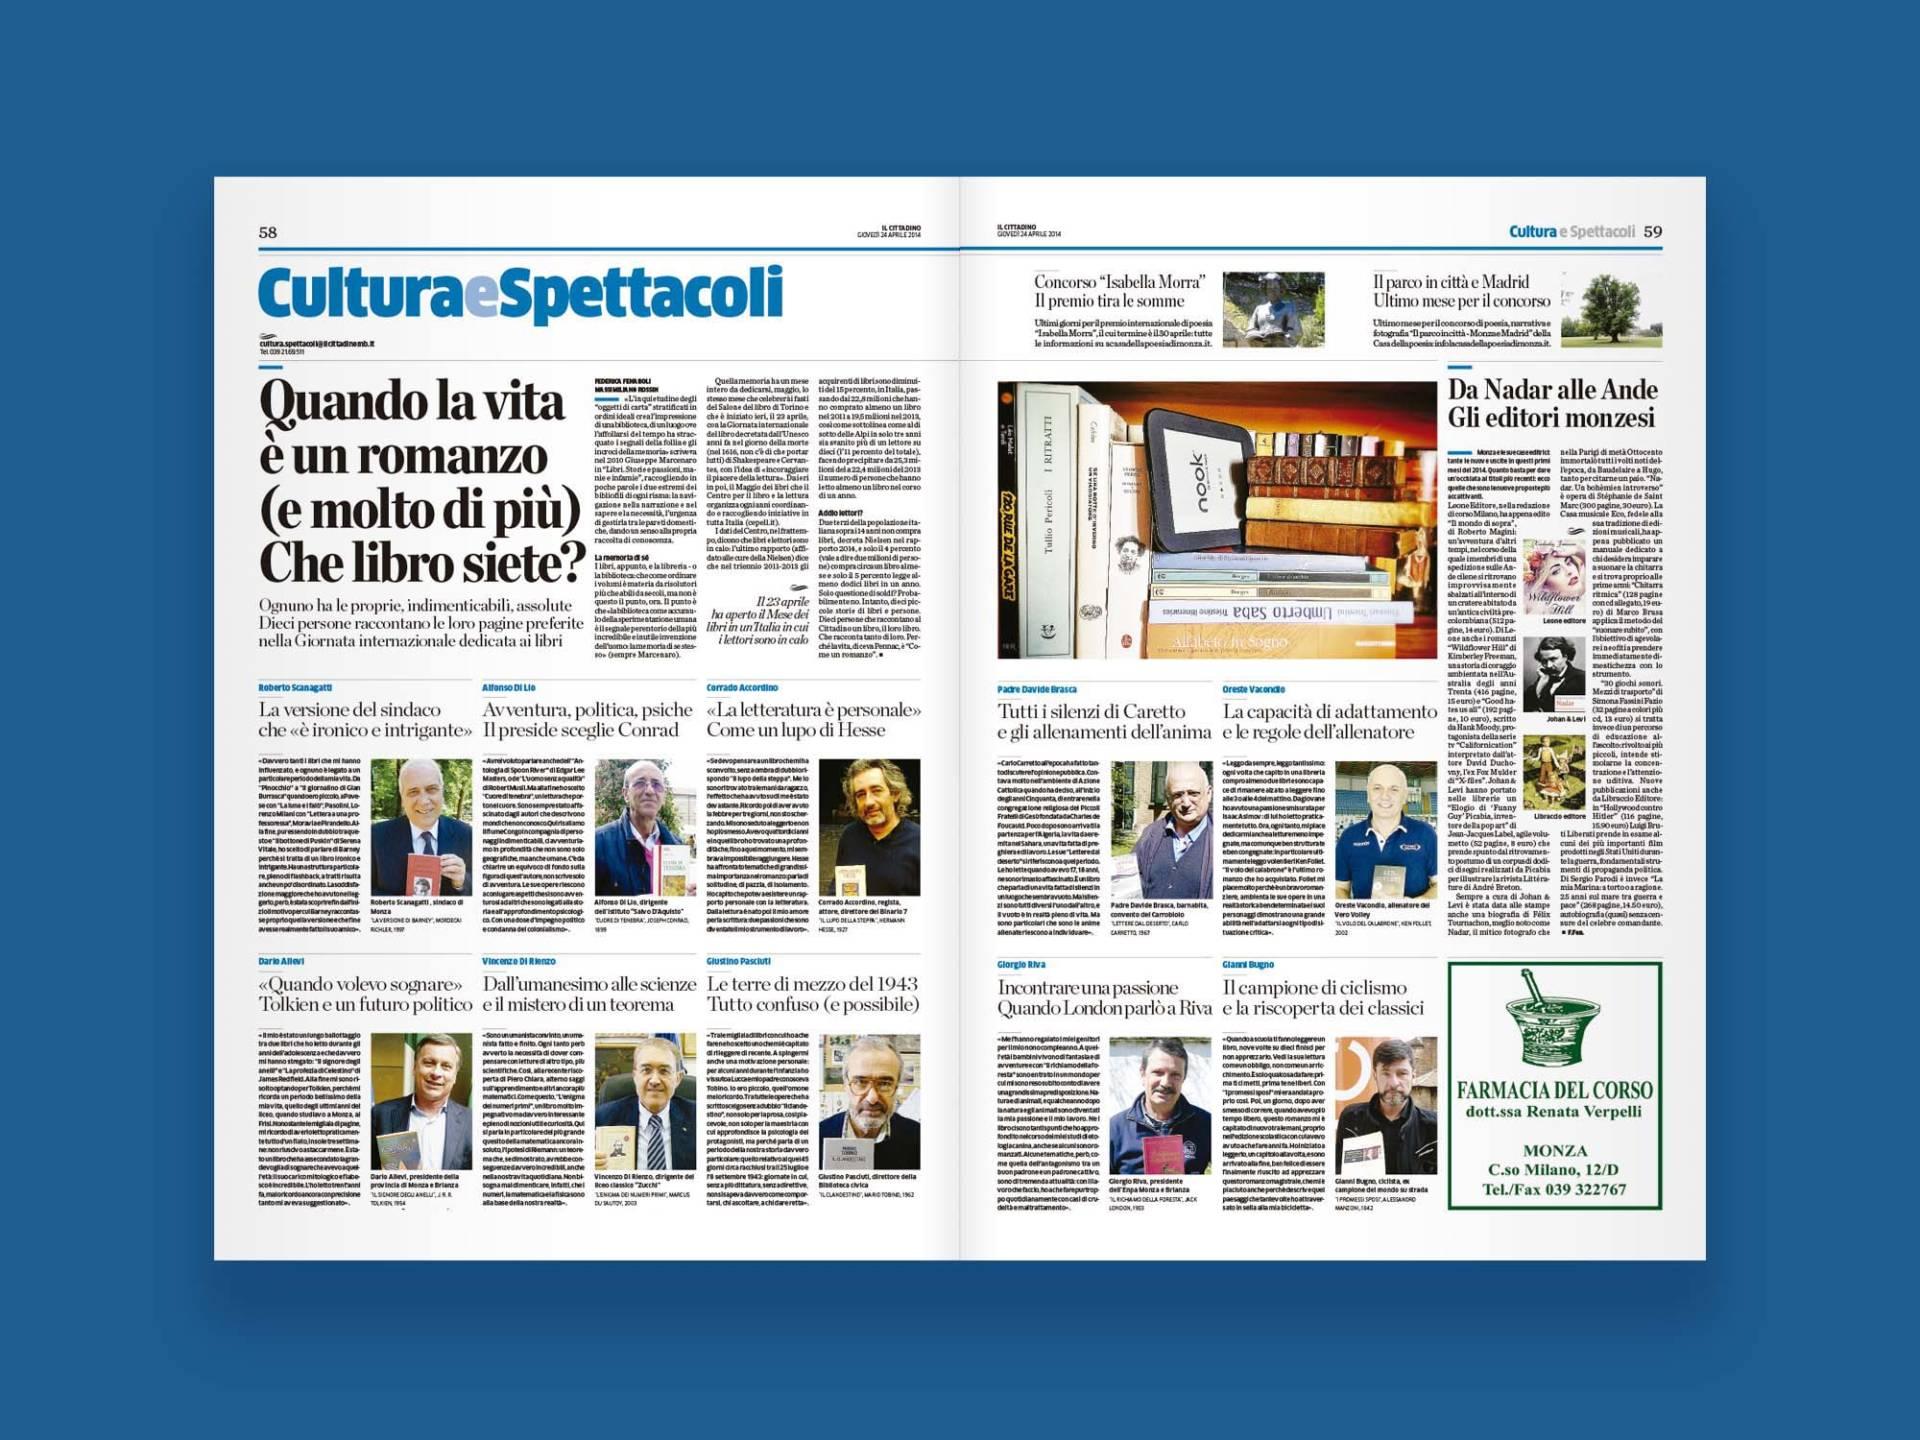 Il_Cittadino_di_Monza_e_Brianza_07_Wenceslau_News_Design